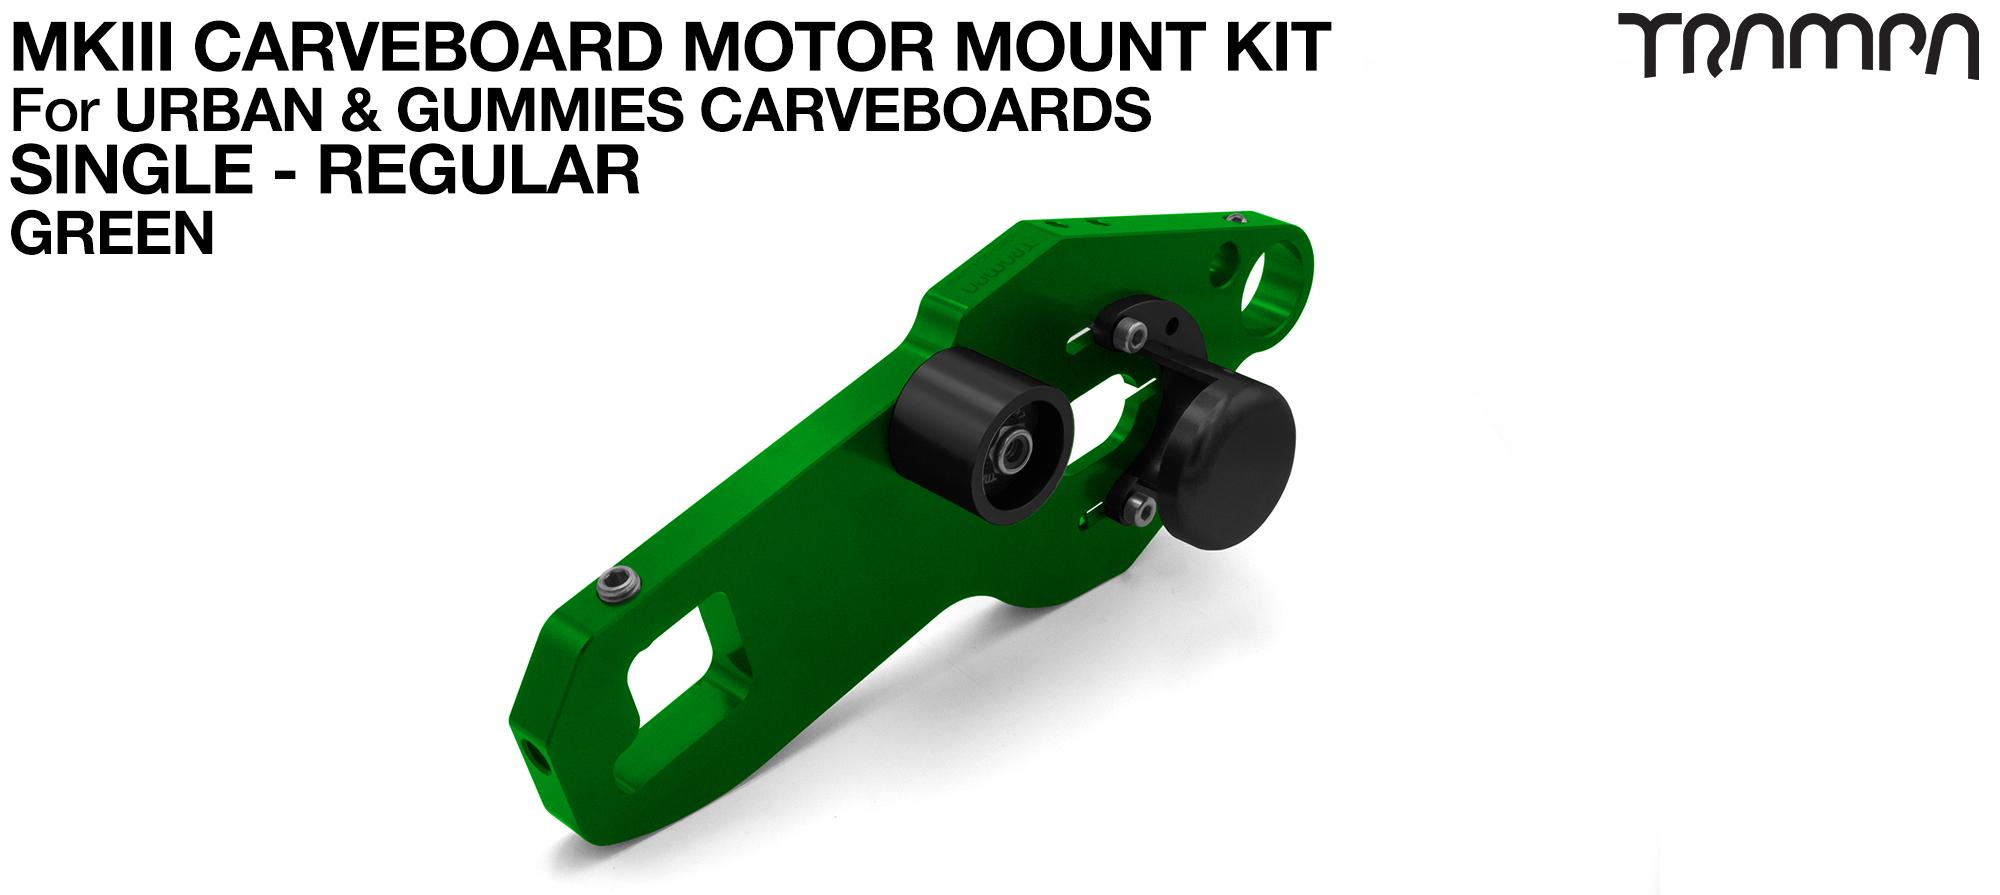 MkIII CARVE BOARD Motor Mount Kit - SINGLE GREEN